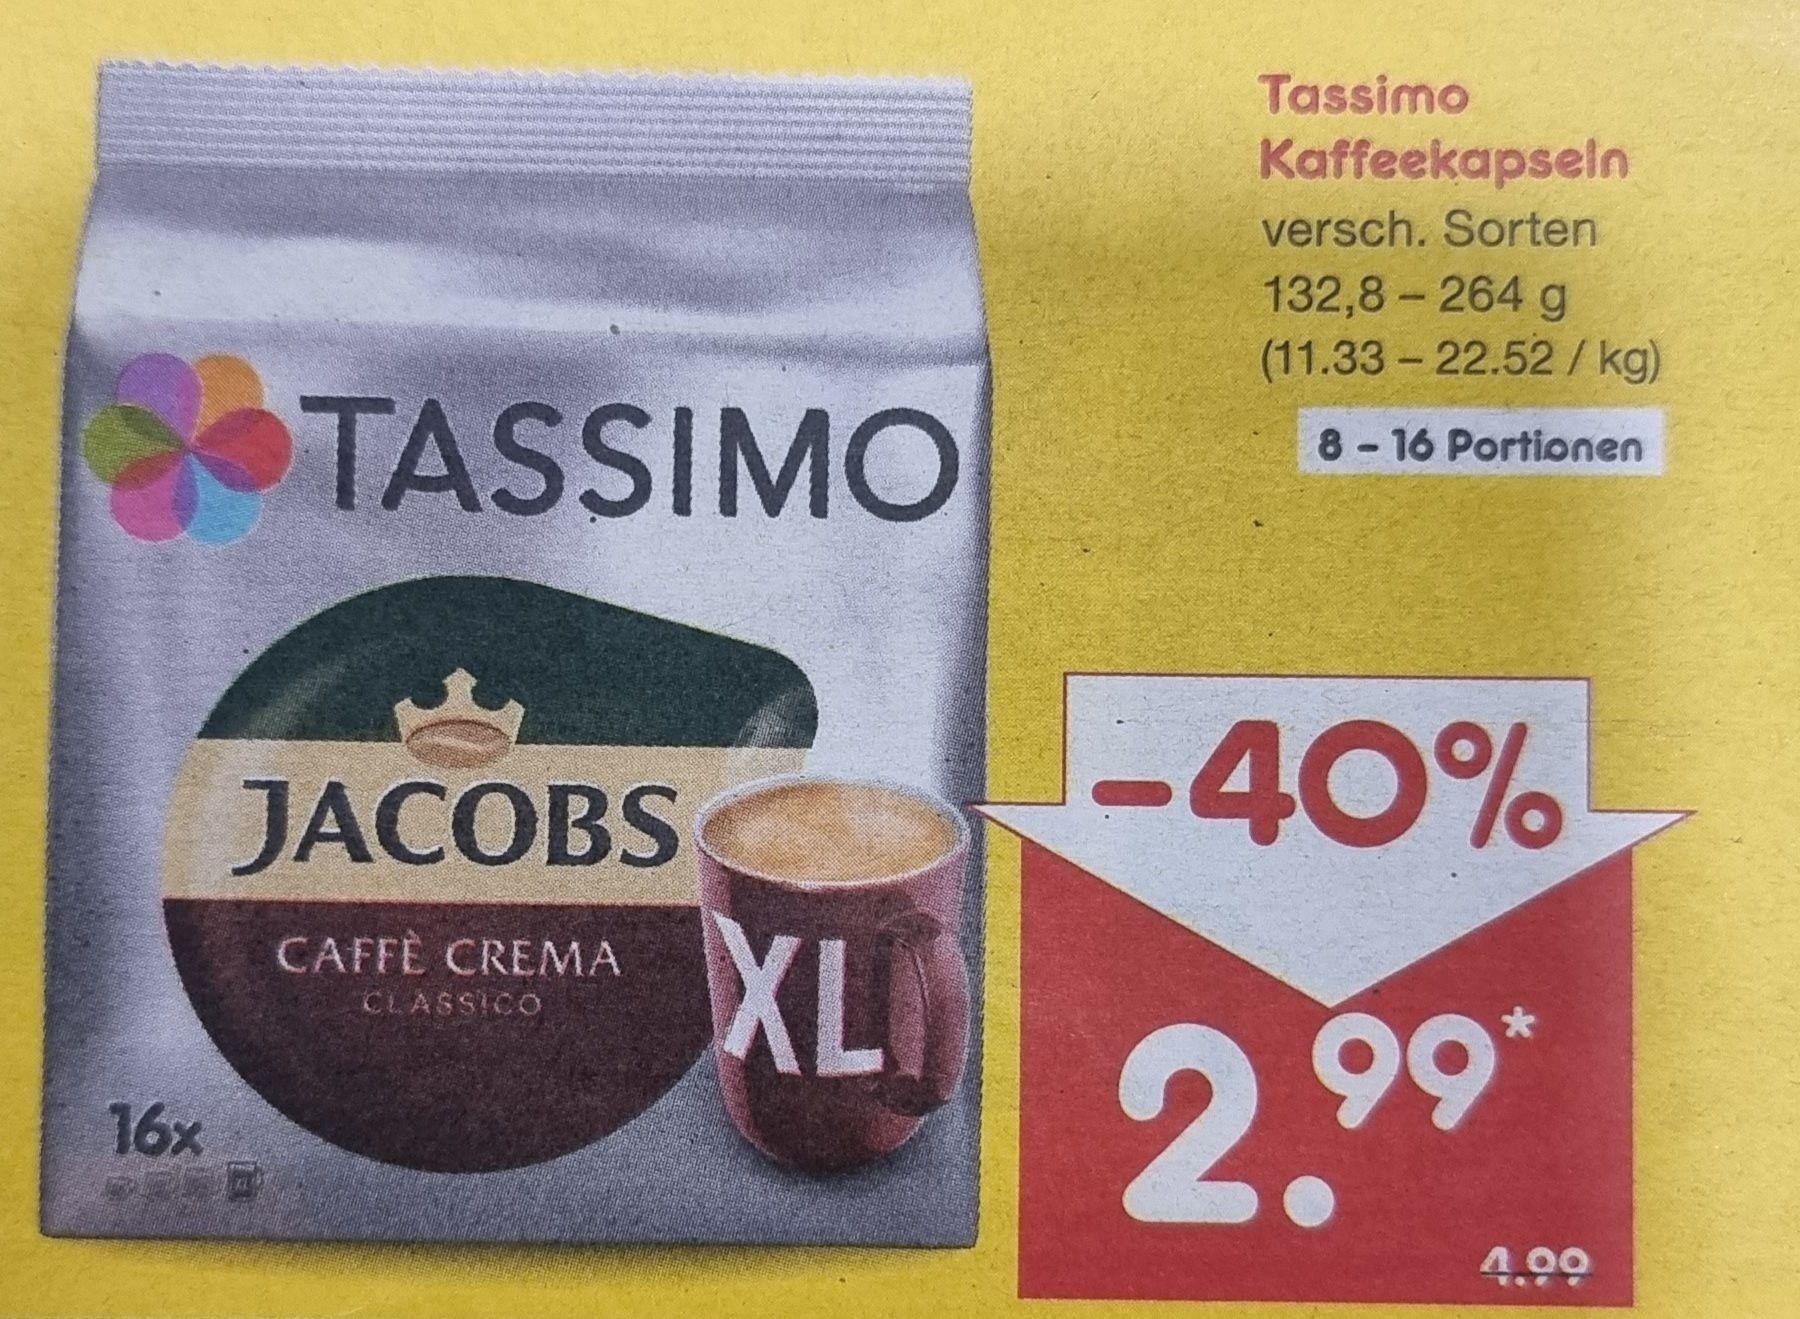 Tassimo Kaffekapseln versch. Sorten (Netto)